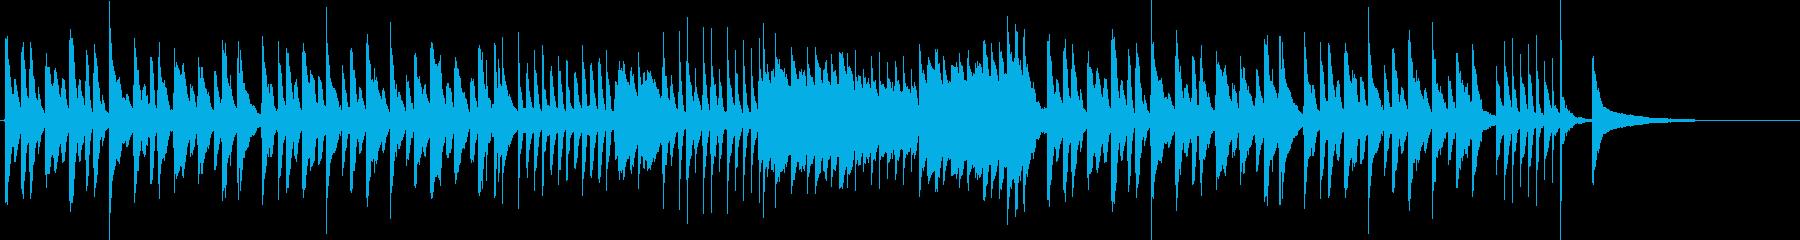 日常をイメージしたBGMの再生済みの波形